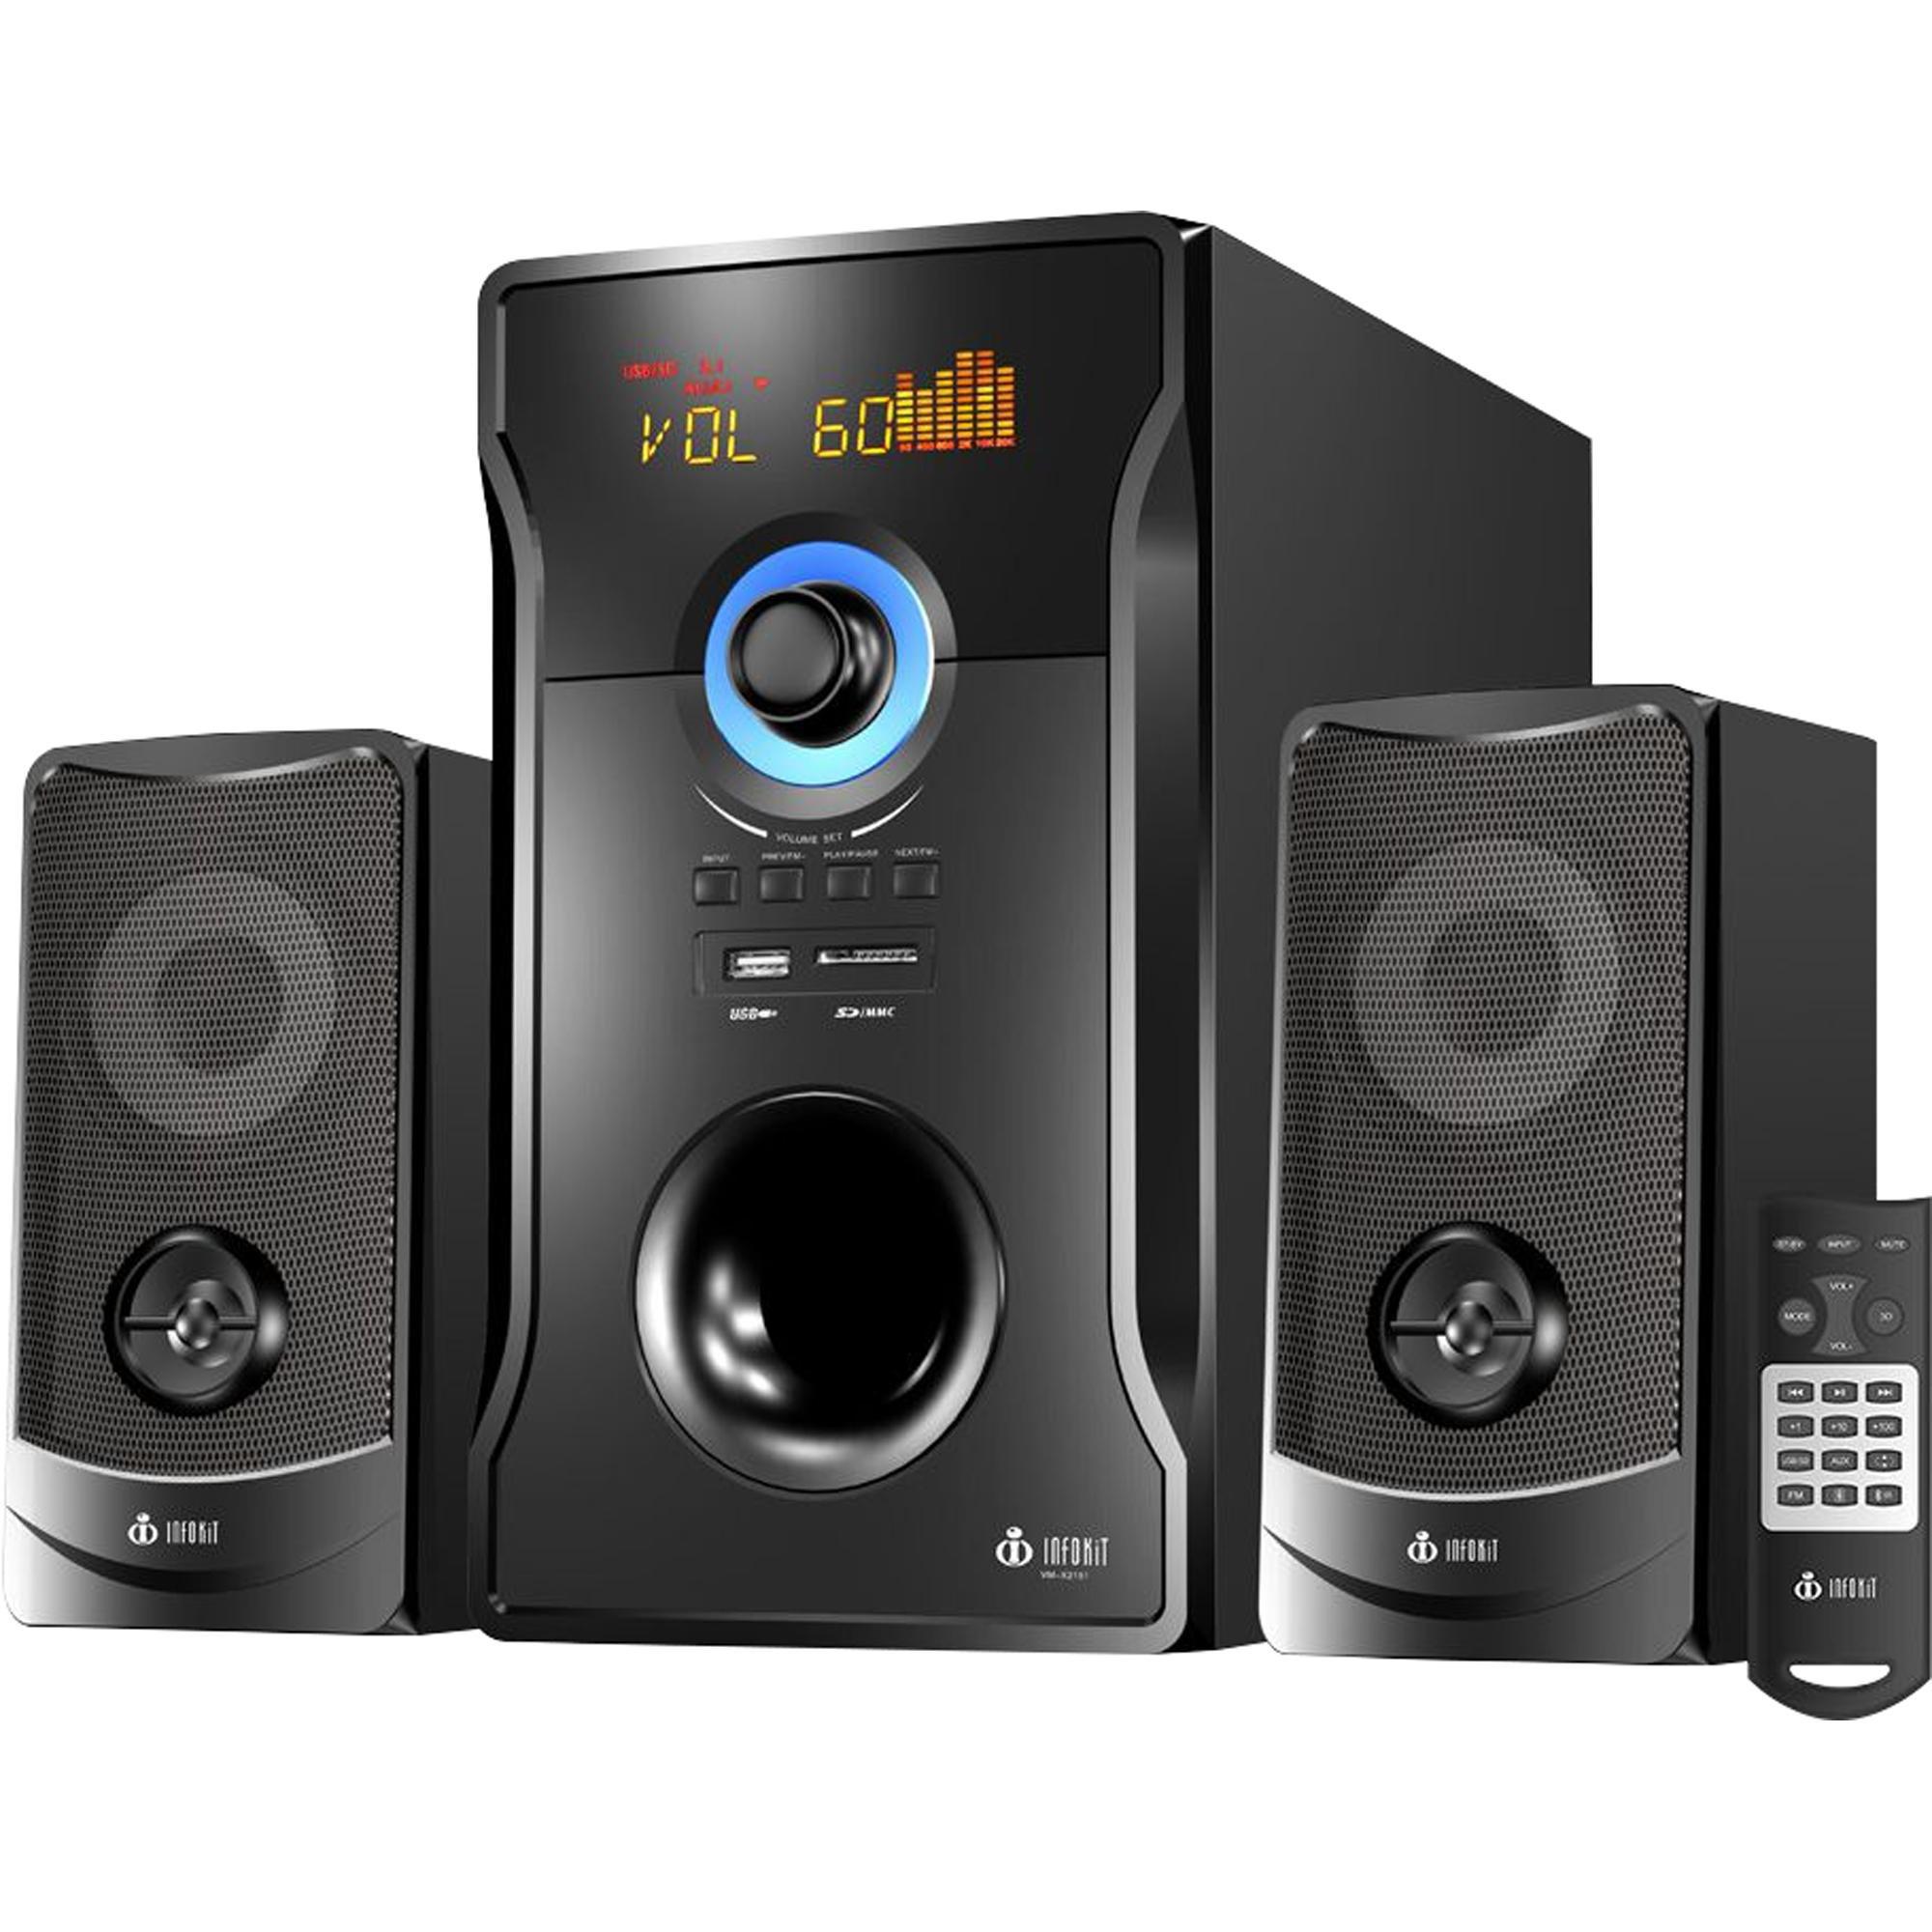 Caixa de Som Speakers Bluetooth com Subwoofer VM-X2151 Preta